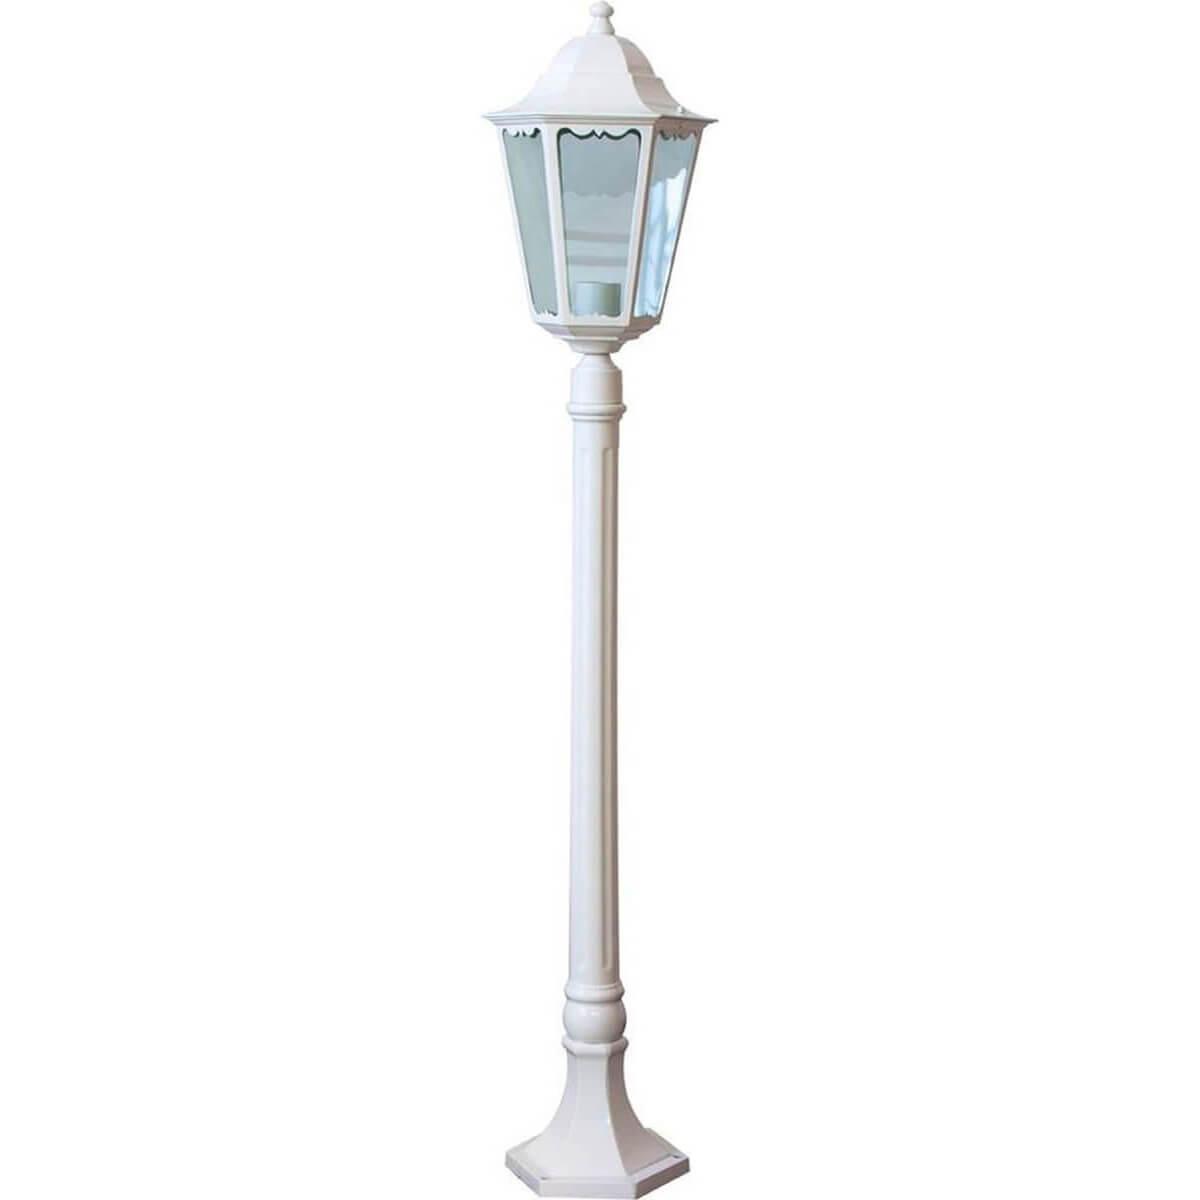 Уличный светильник Feron 11075, E27 уличный светильник feron 8105 fr 11248